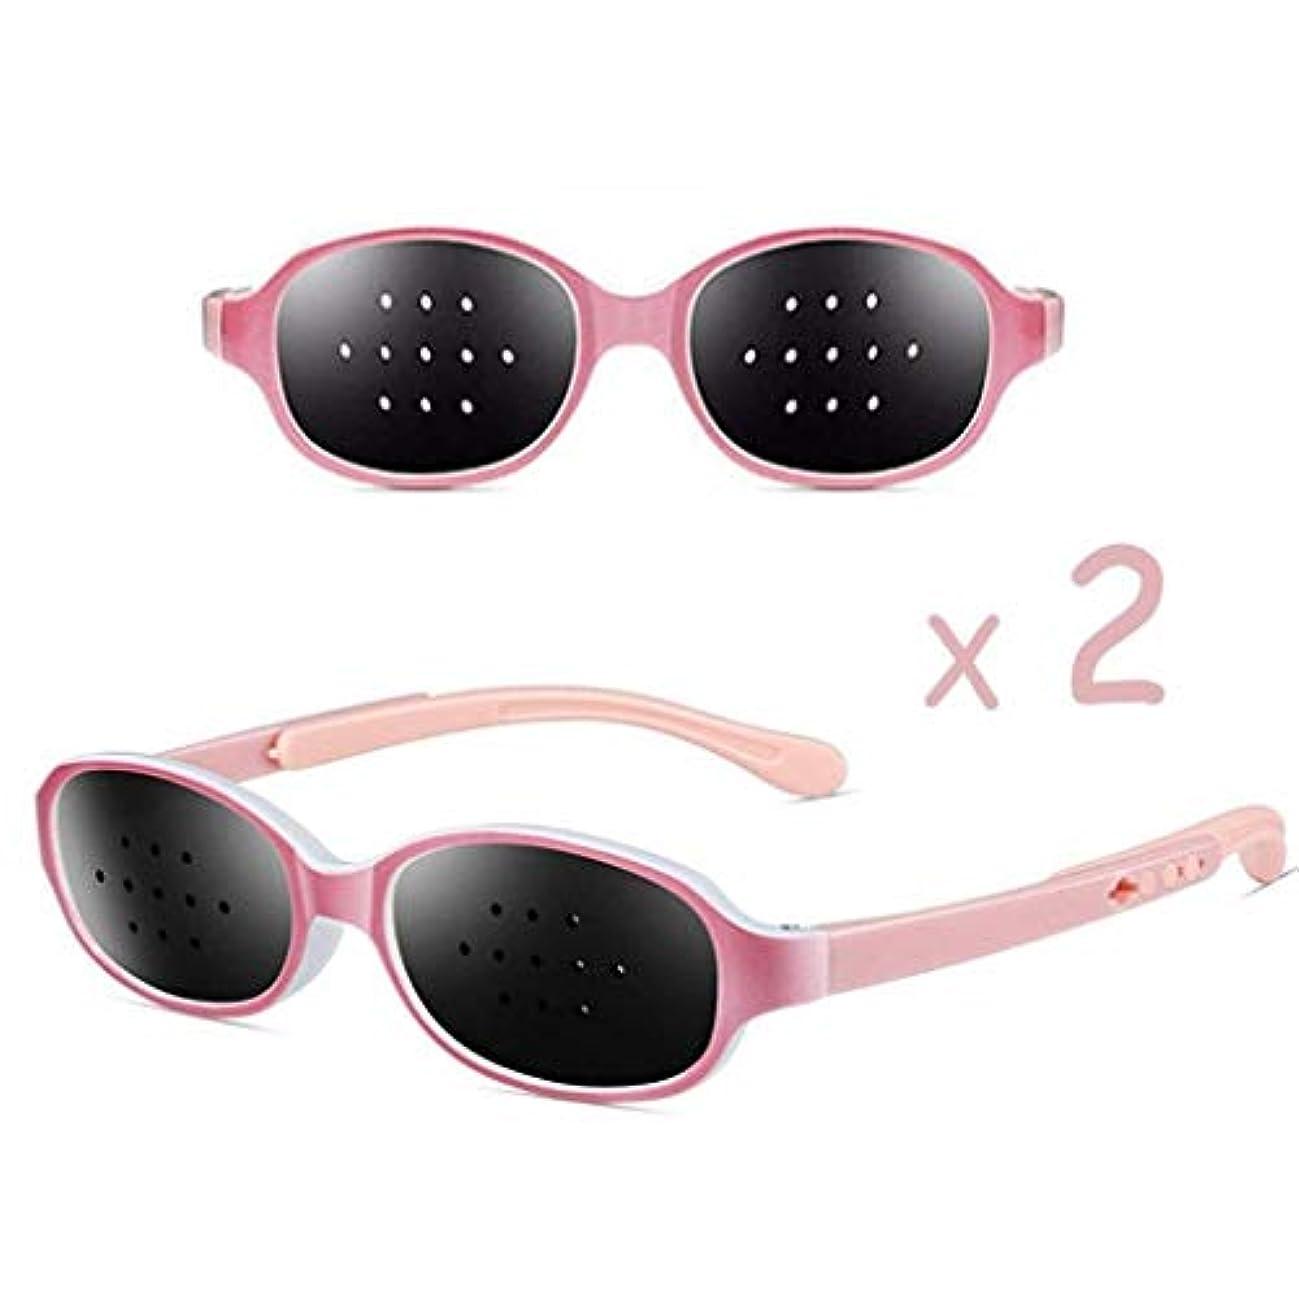 落ちた刺しますユニセックス視力ビジョンケアビジョンピンホールメガネアイズエクササイズファッションナチュラル (Color : ピンク)